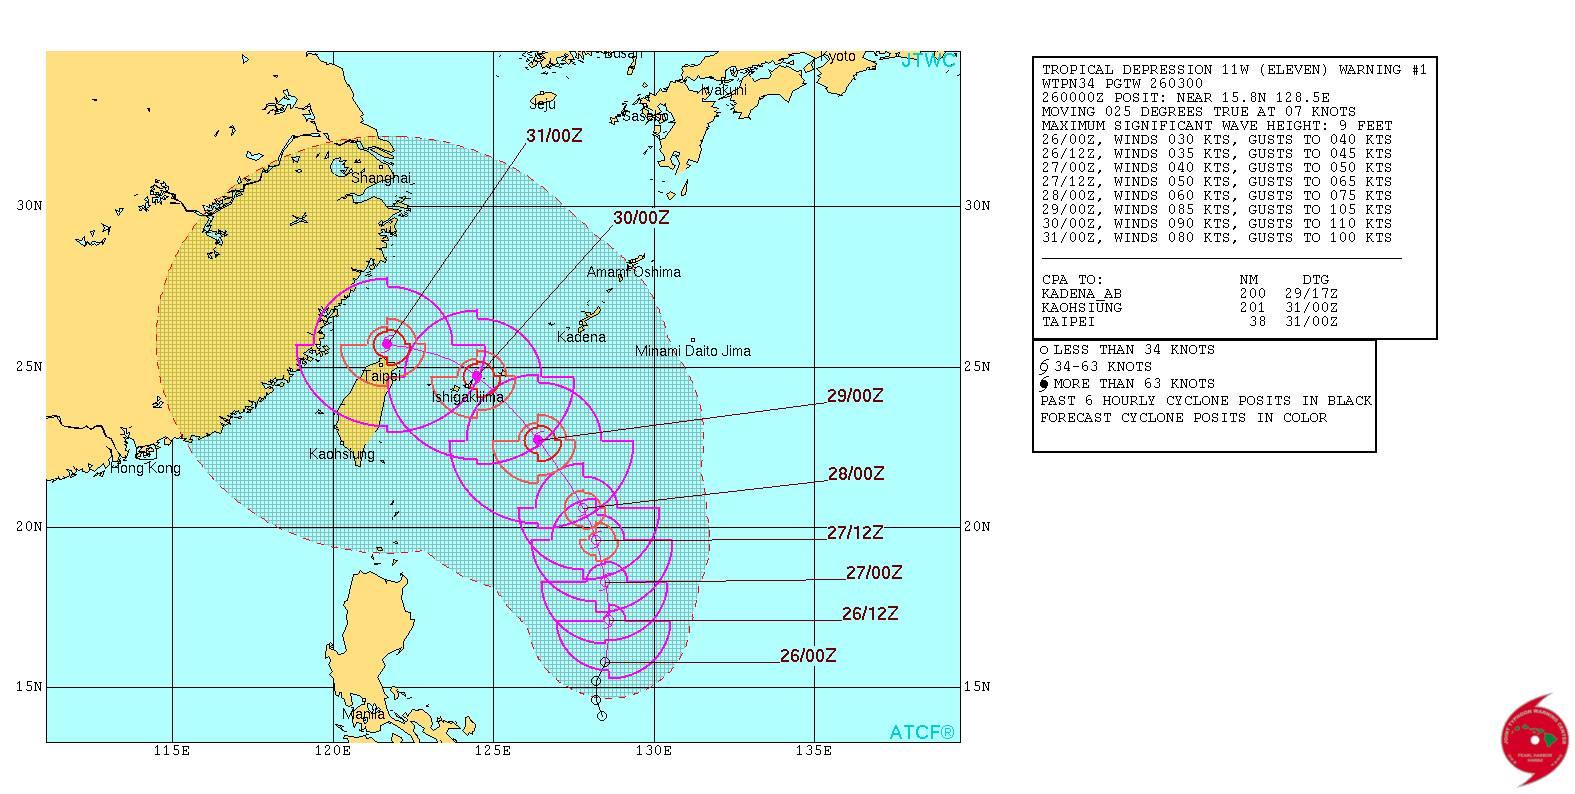 今年第9号台风生成 周末或影响福建